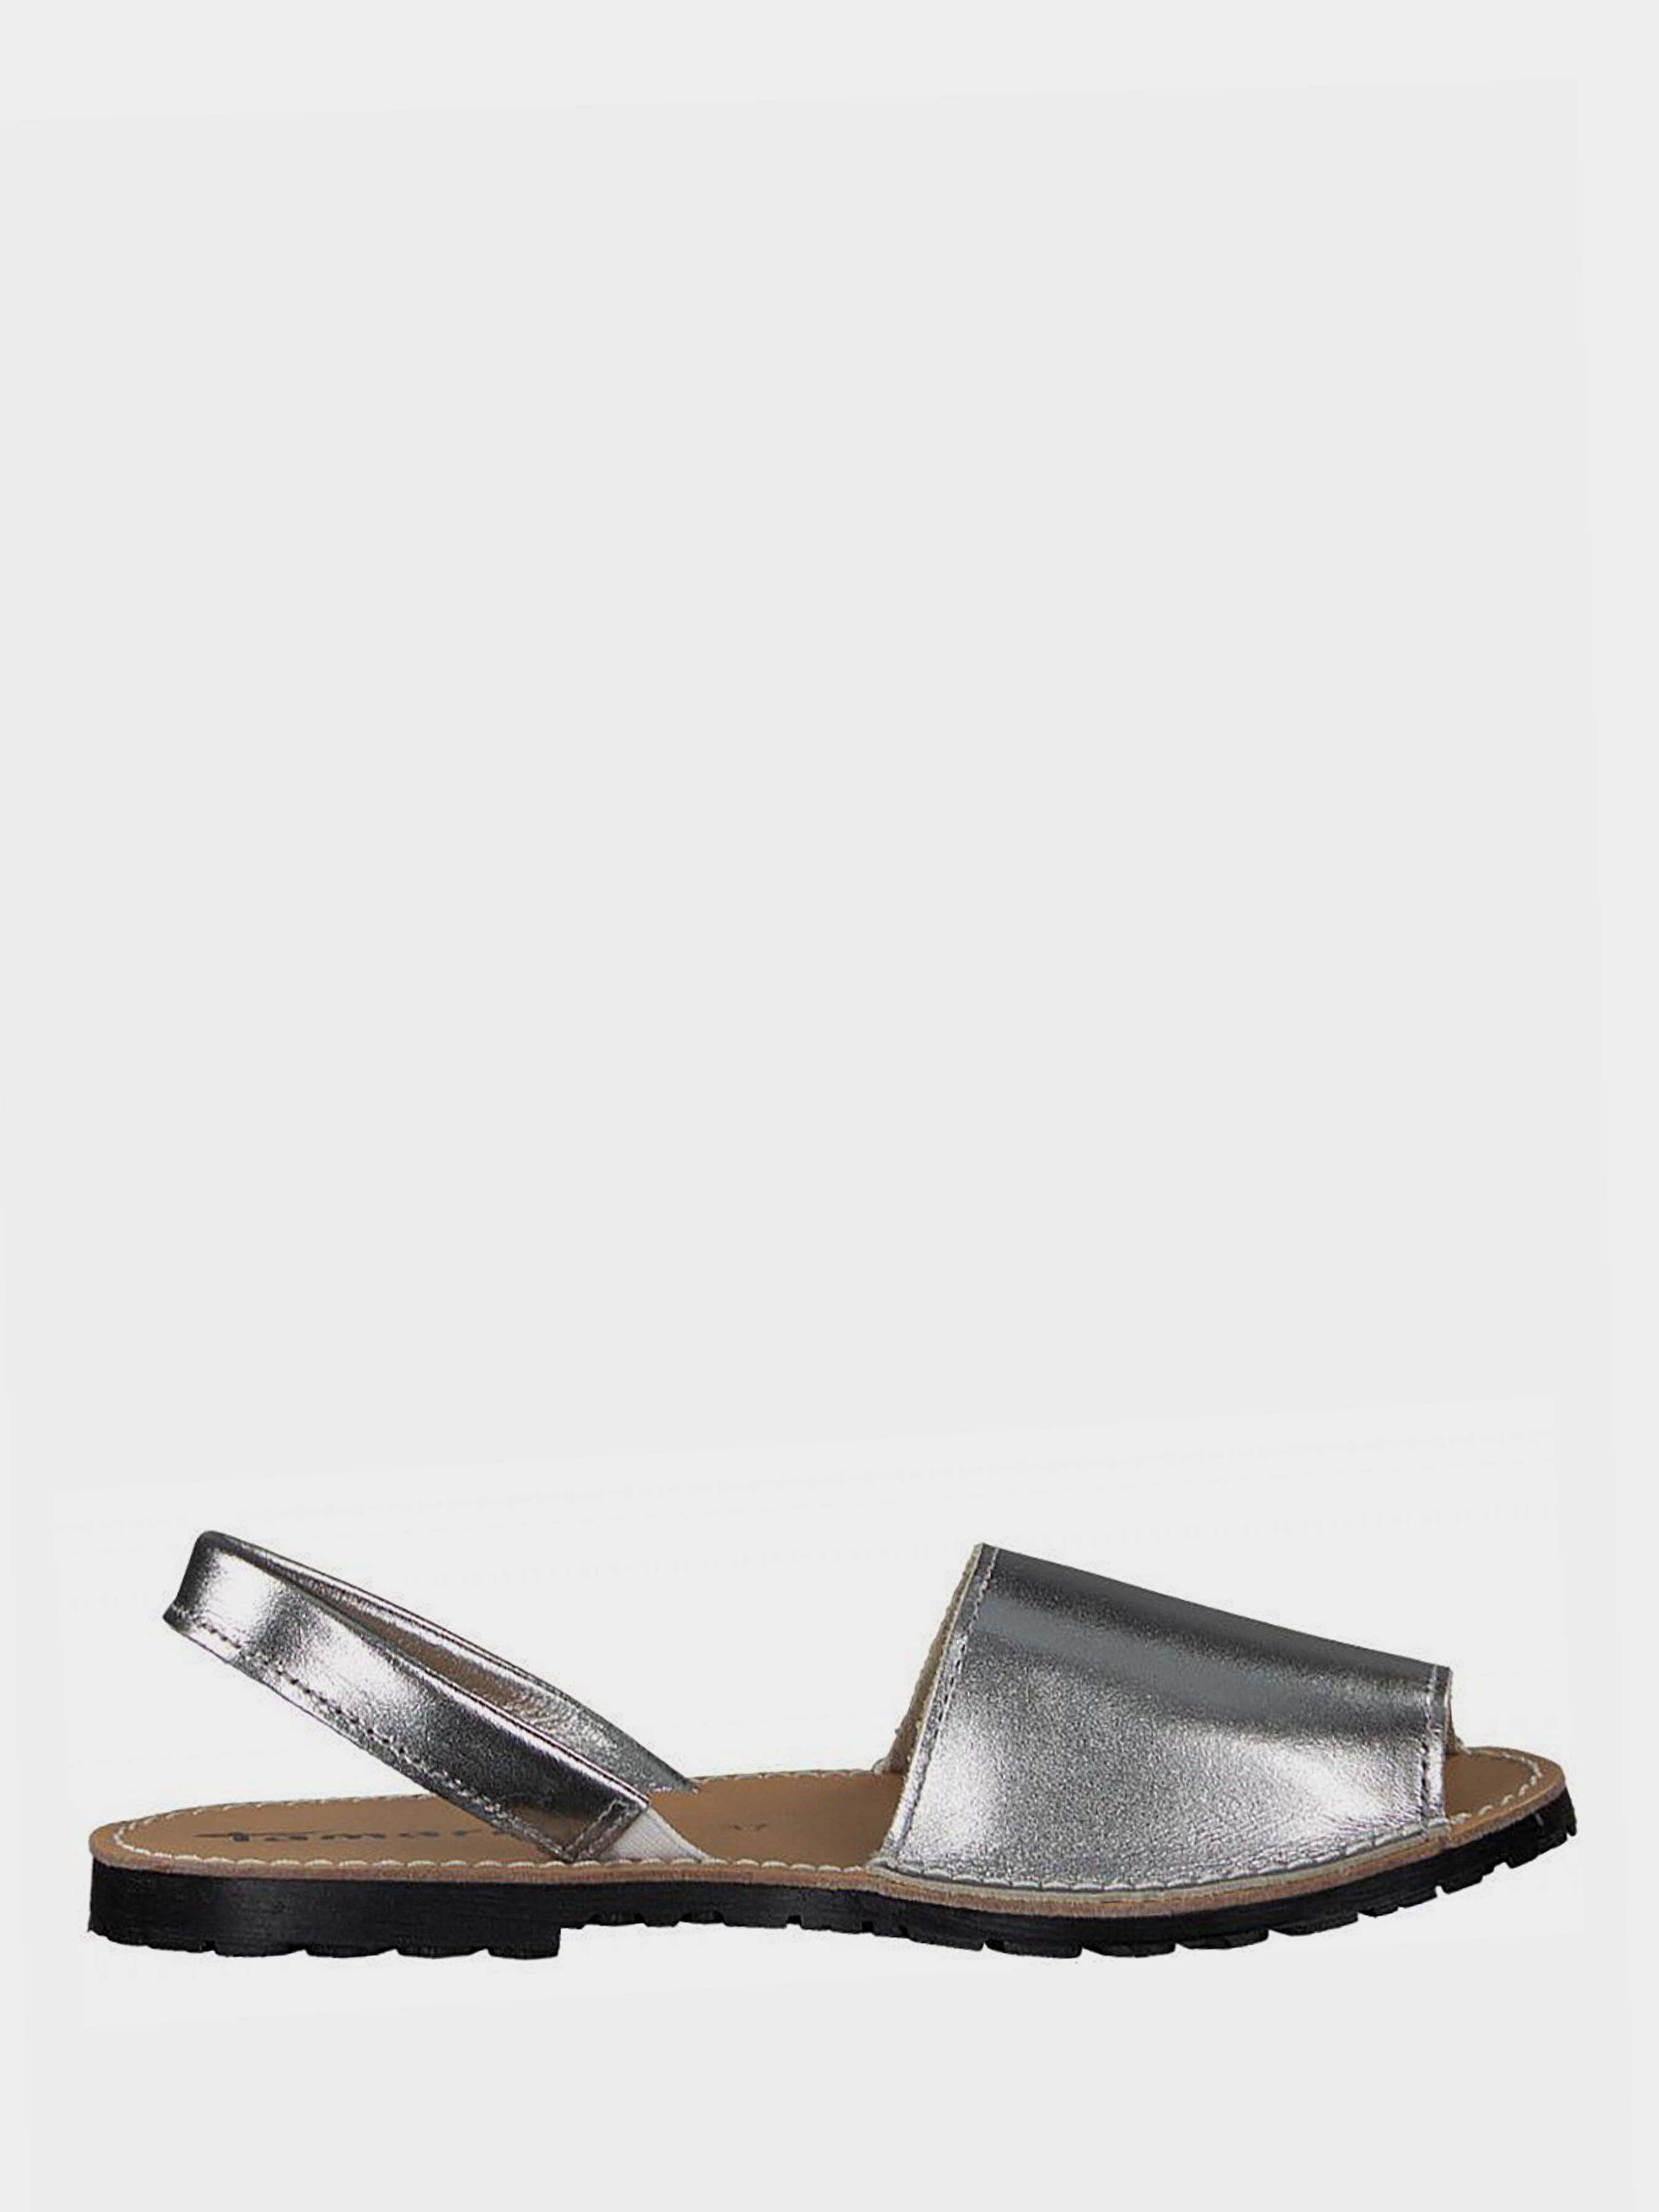 Сандалии для женщин Tamaris IS557 размерная сетка обуви, 2017